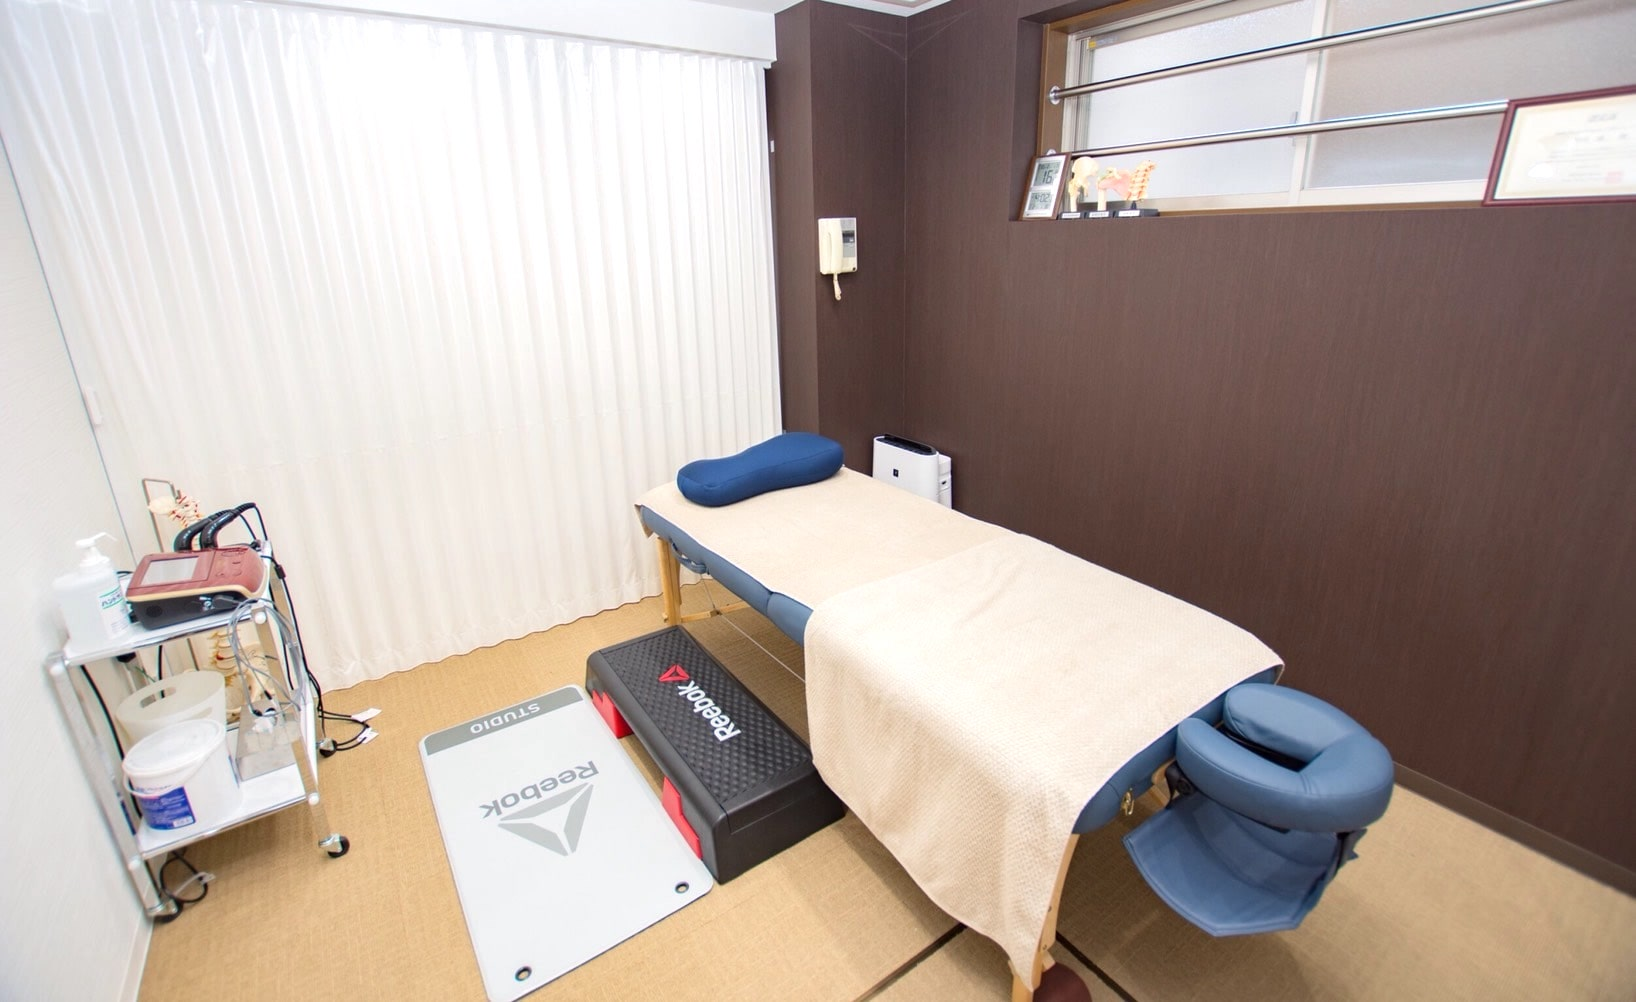 駒沢大学のレンタルジムTHE PERSONのマッサージルーム